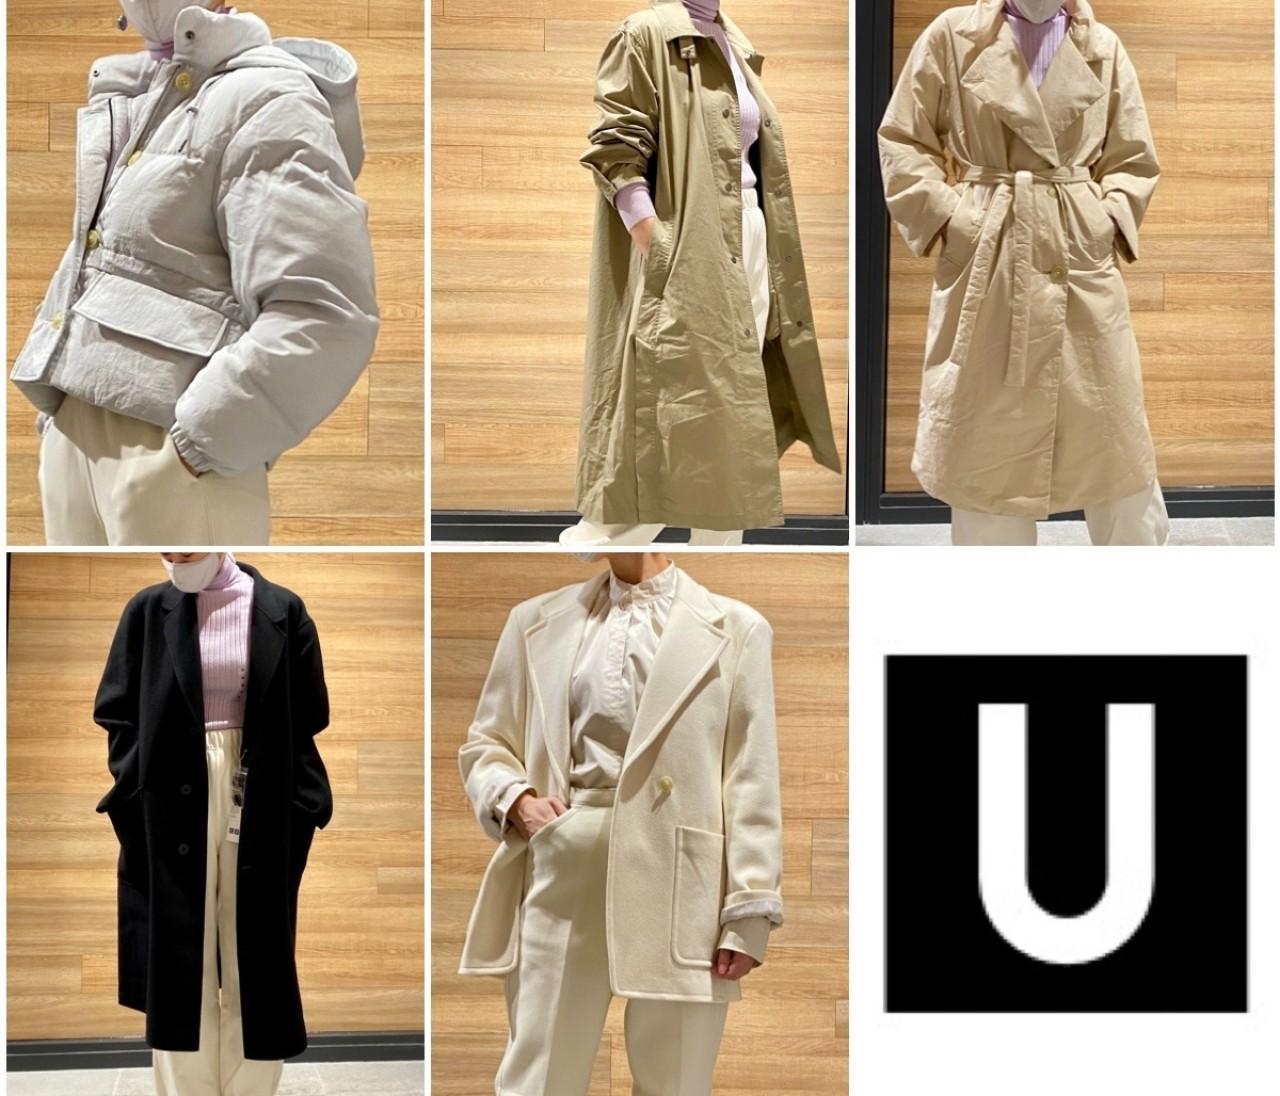 【ユニクロ ユー(Uniqlo U)】2020秋冬新作おすすめコート&ジャケットで冬のおしゃれ支度